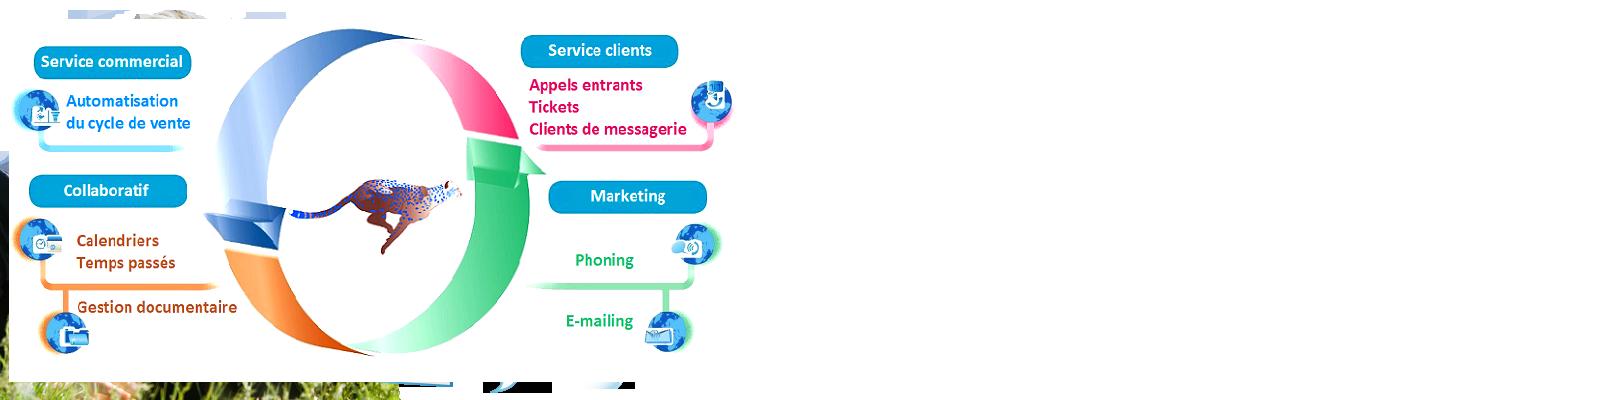 Le logiciel de gestion de contacts le plus complet du marché